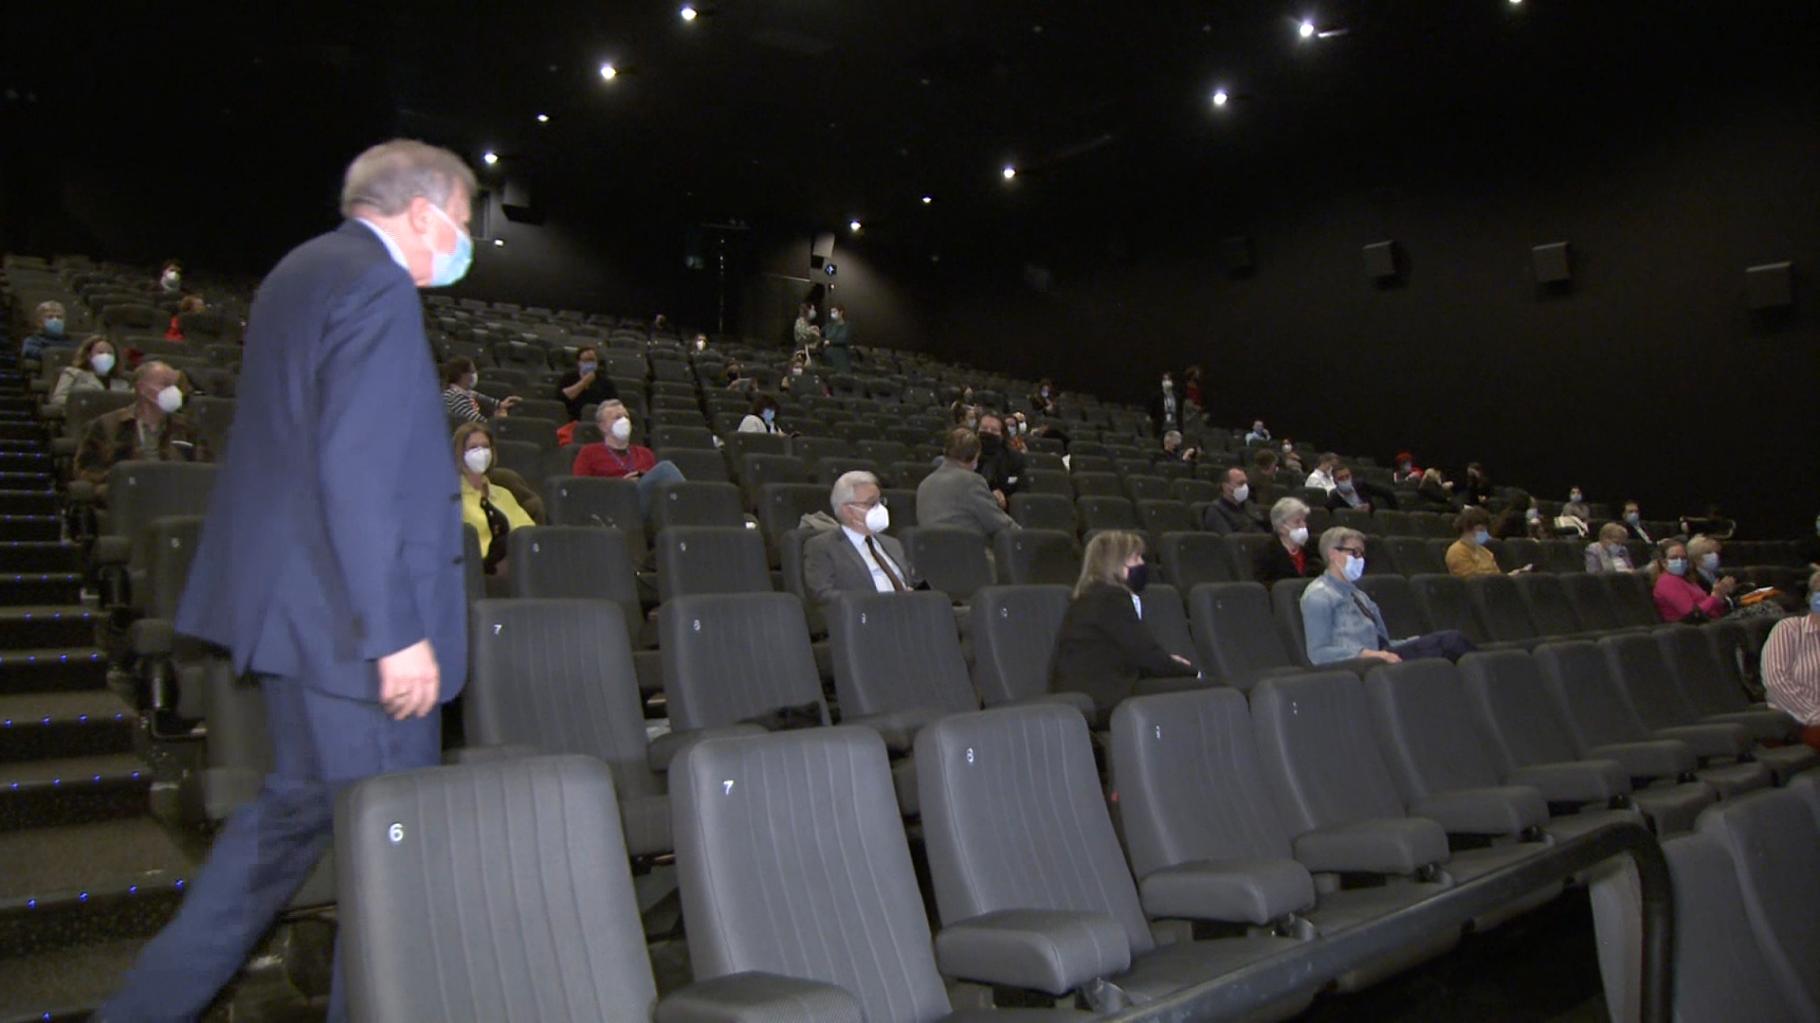 Une rareté en Europe :Au Luxembourg, le cinéma redevient une réalité